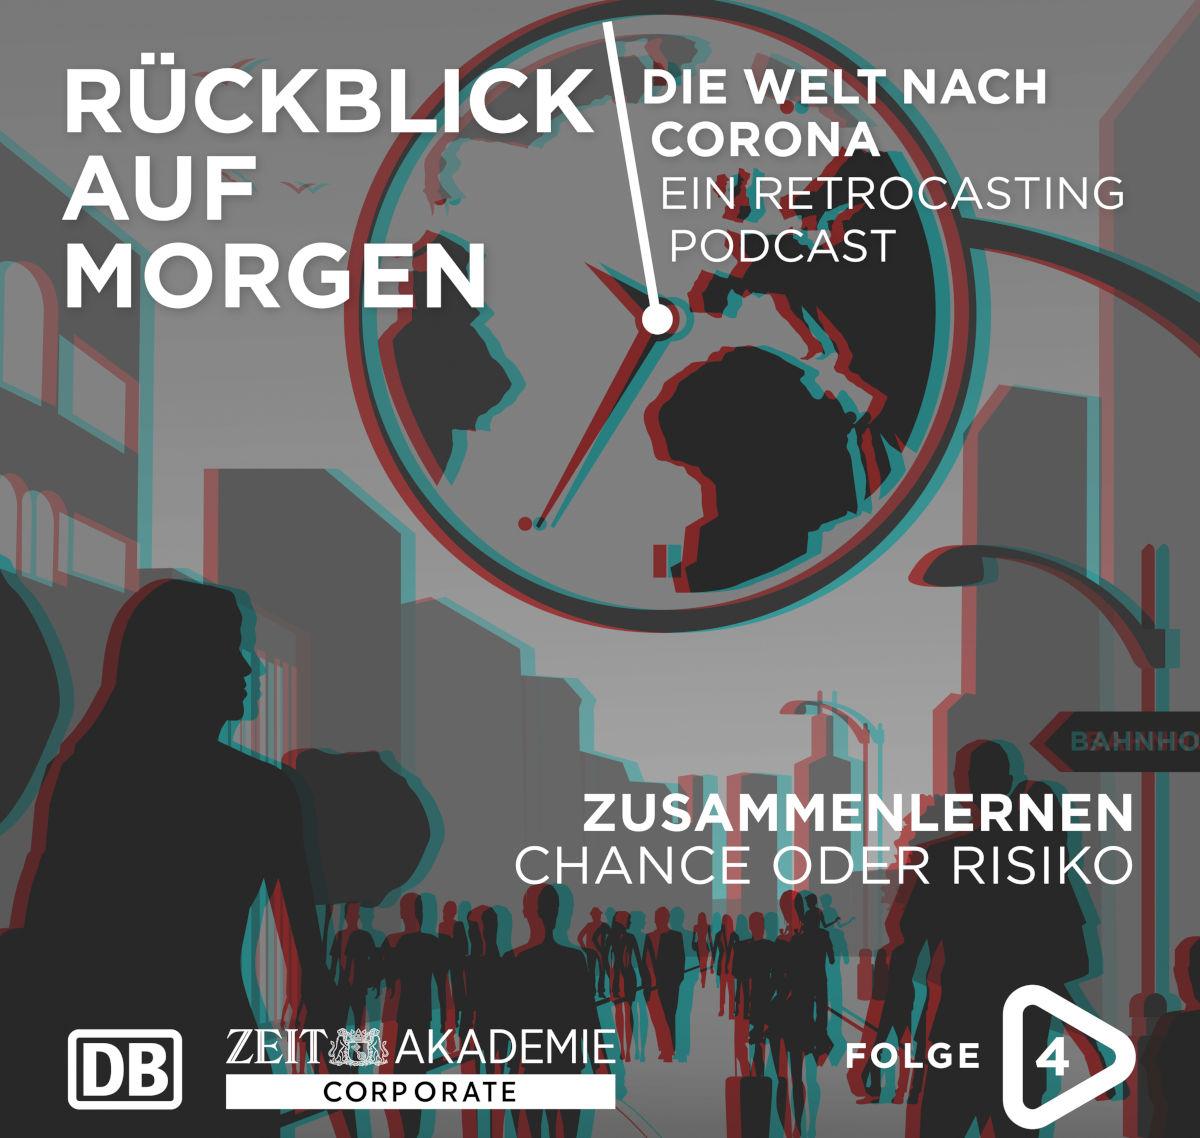 Folge 4 vom DB-Podcast Rueckblick auf morgen mit Verena Pausder über Bildung